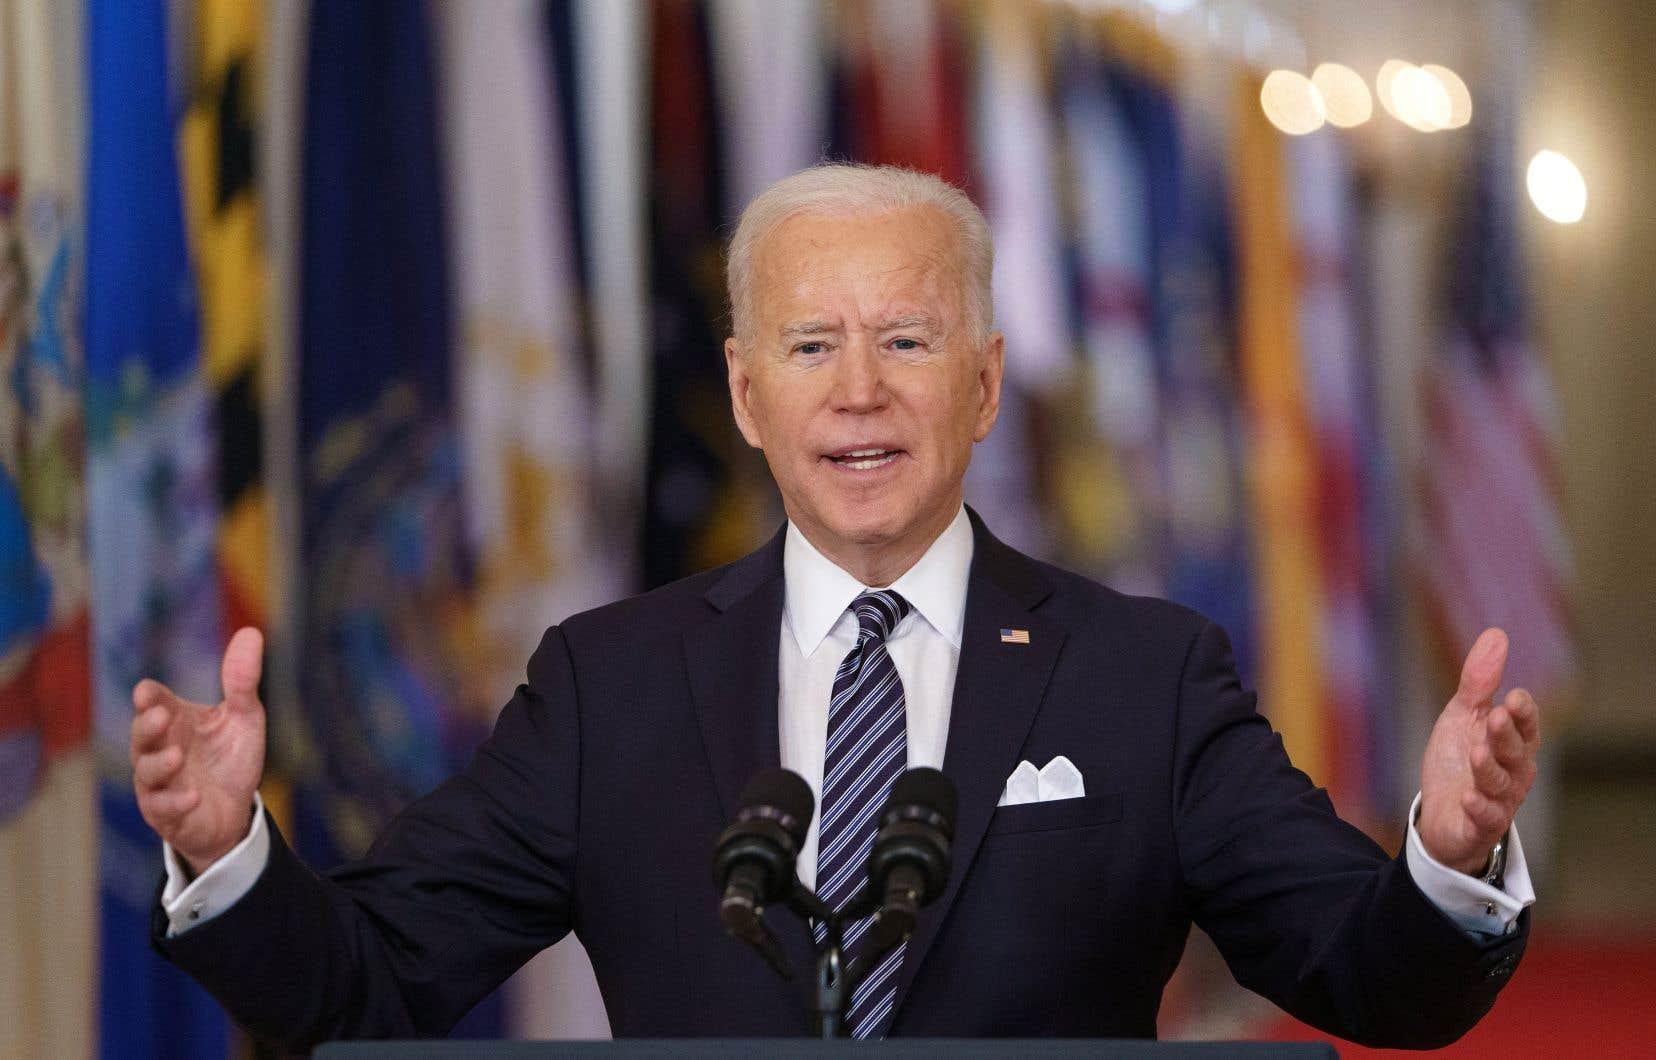 Le président Joe Biden s'est adressé à la nation jeudi à l'occasion du premier anniversaire de la pandémie.